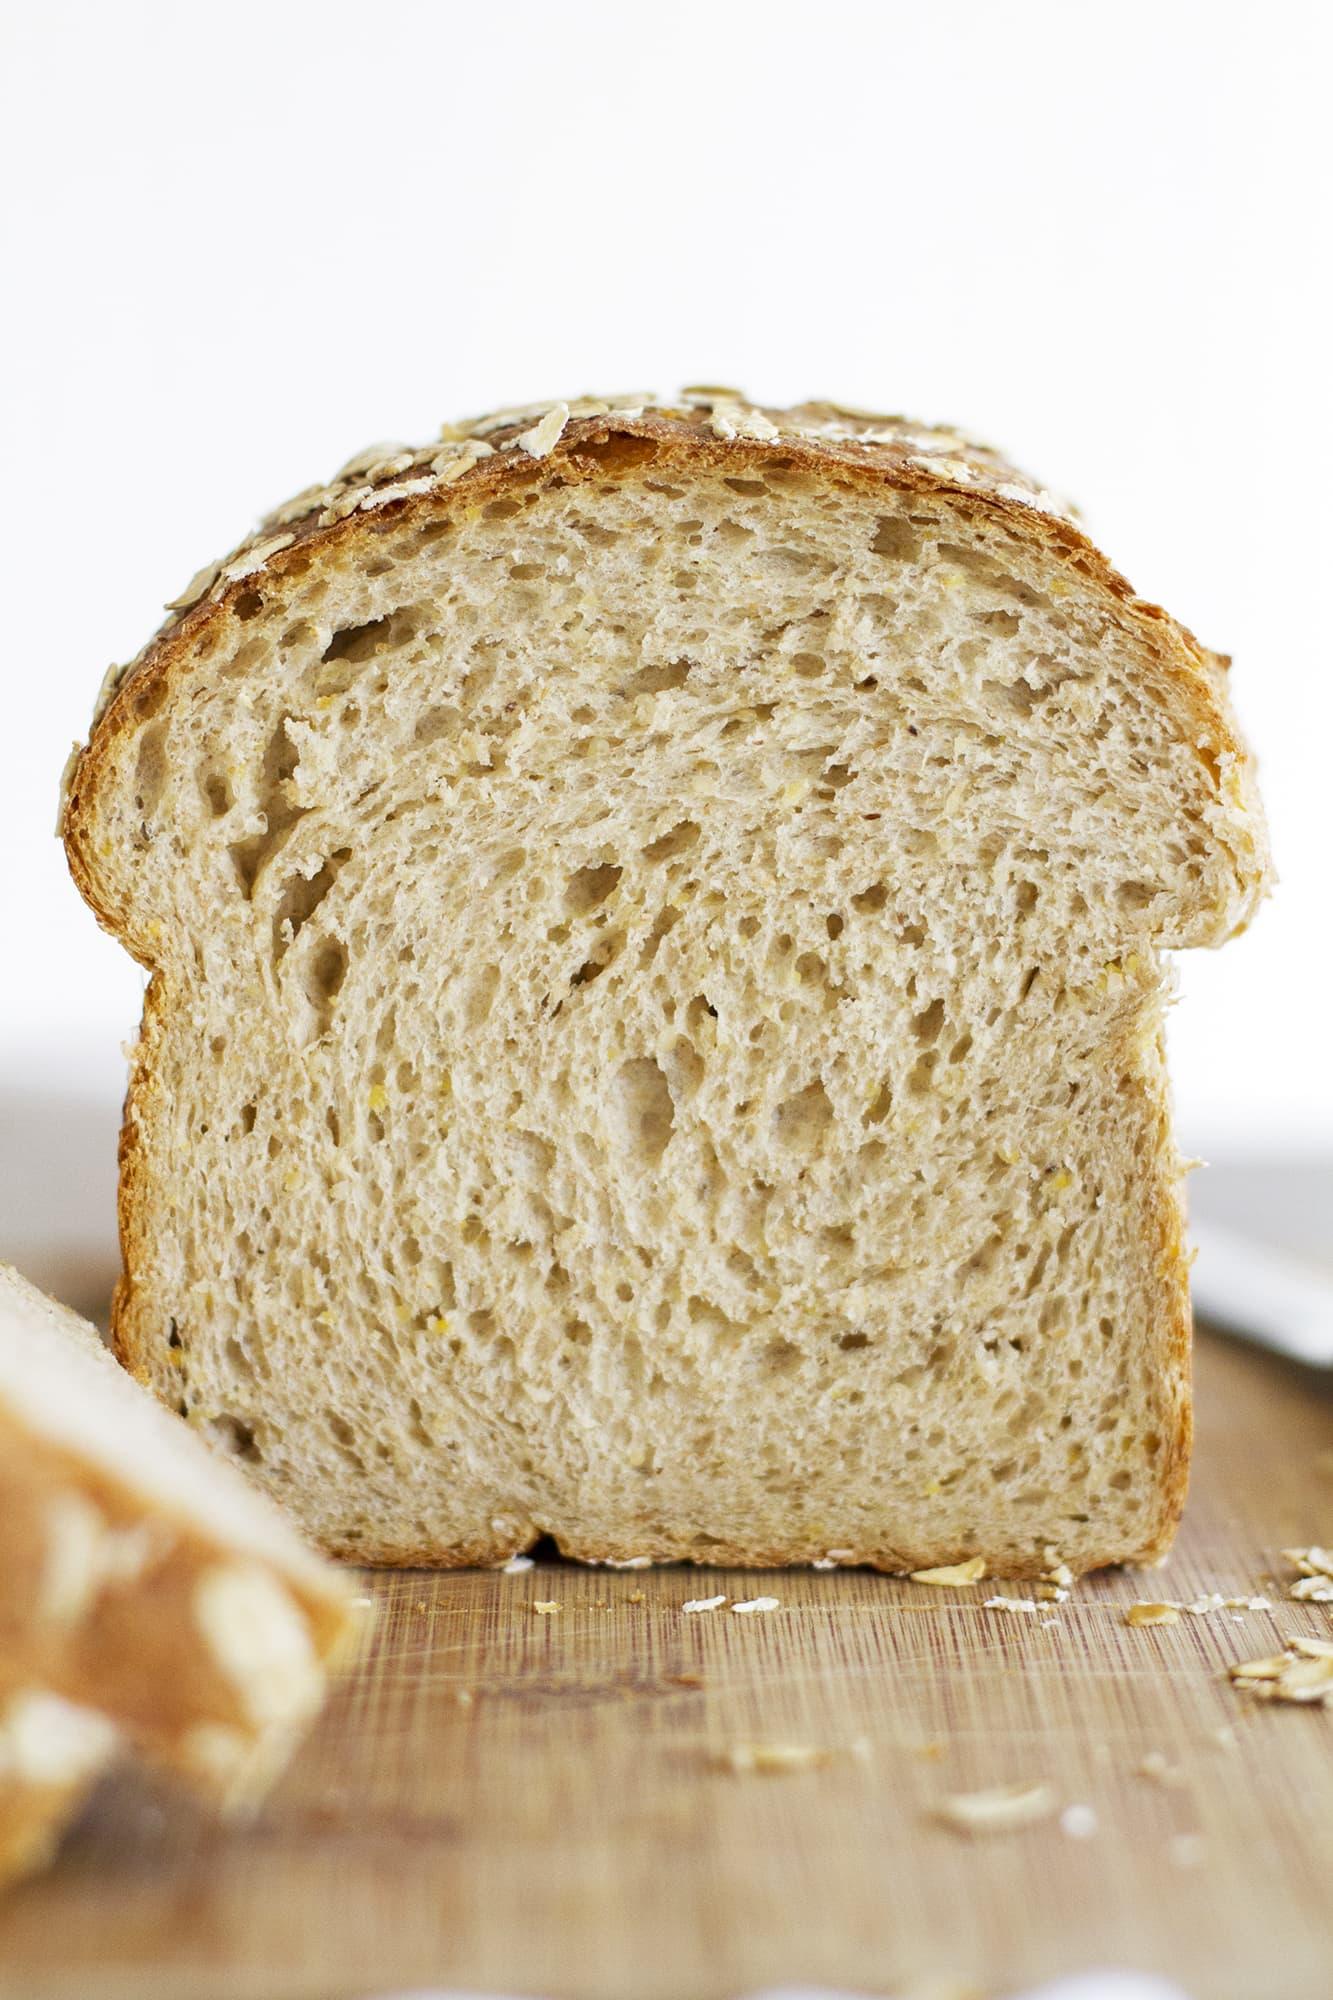 sliced multigrain sandwich bread